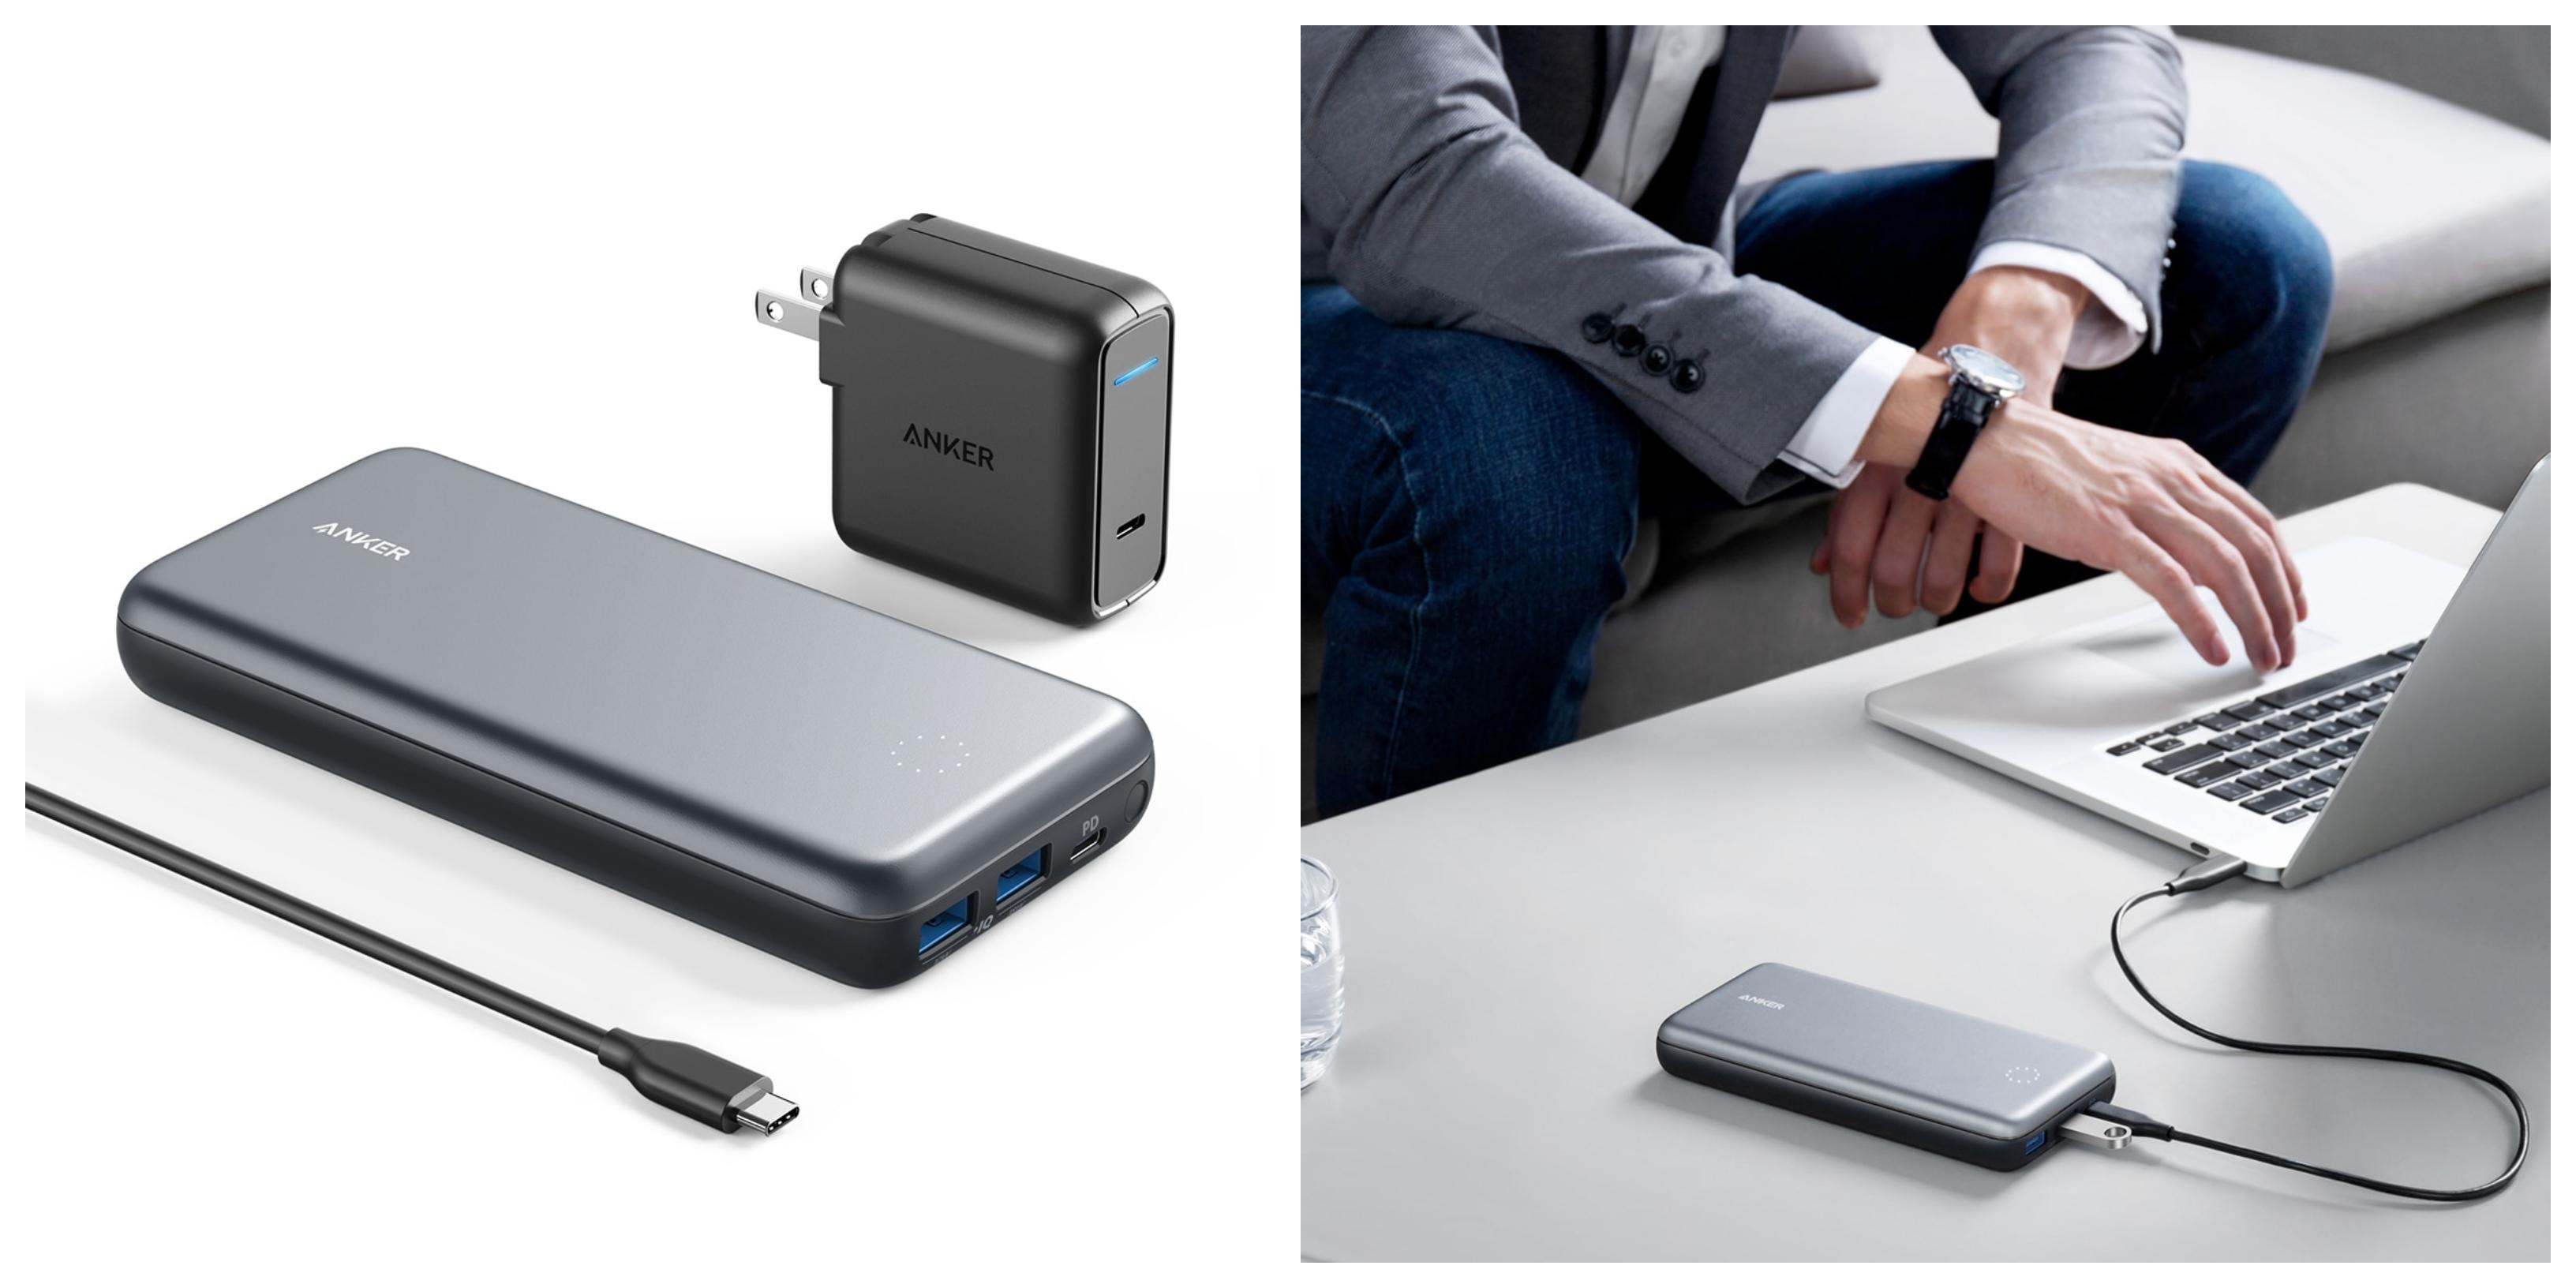 USB PD/USBハブ/超大容量のモバイルバッテリー「Anker PowerCore+ 19000 PD」が発売。今なら20%オフで